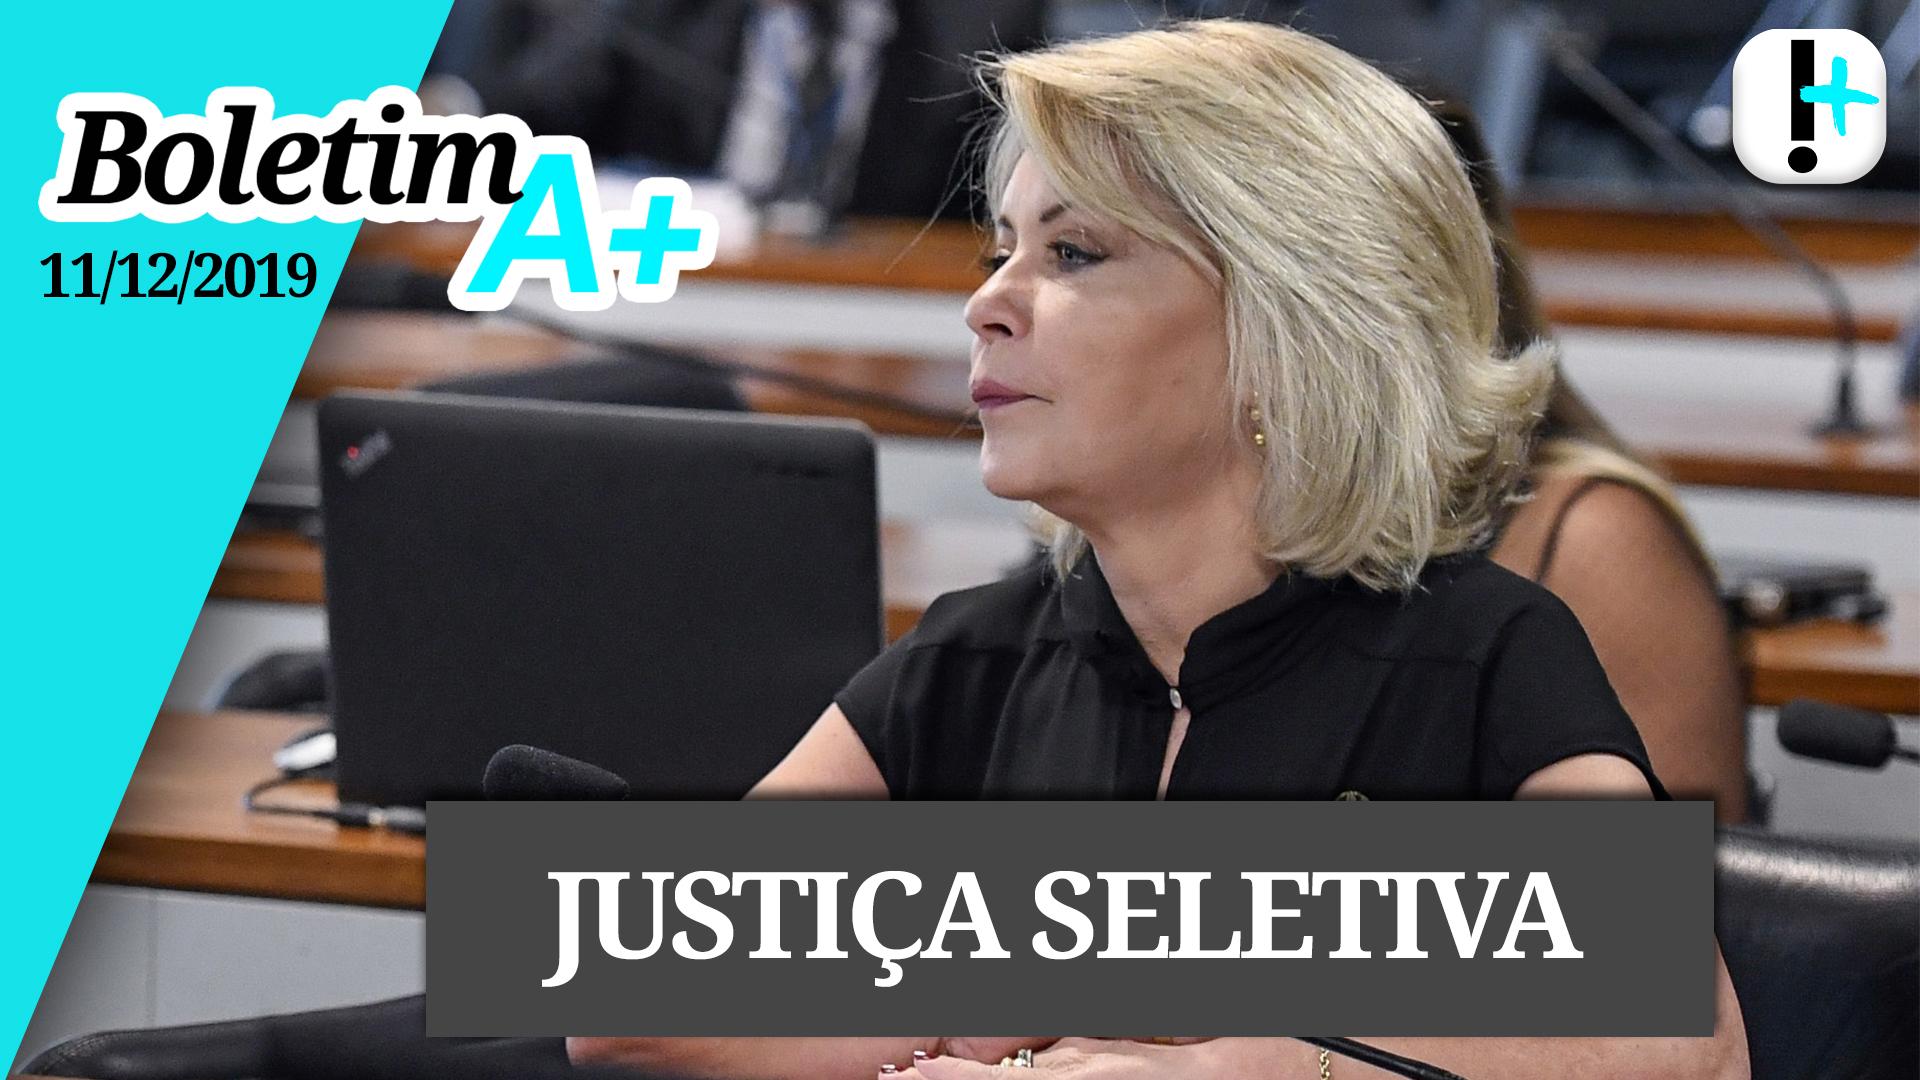 Boletim A+: Justiça seletiva